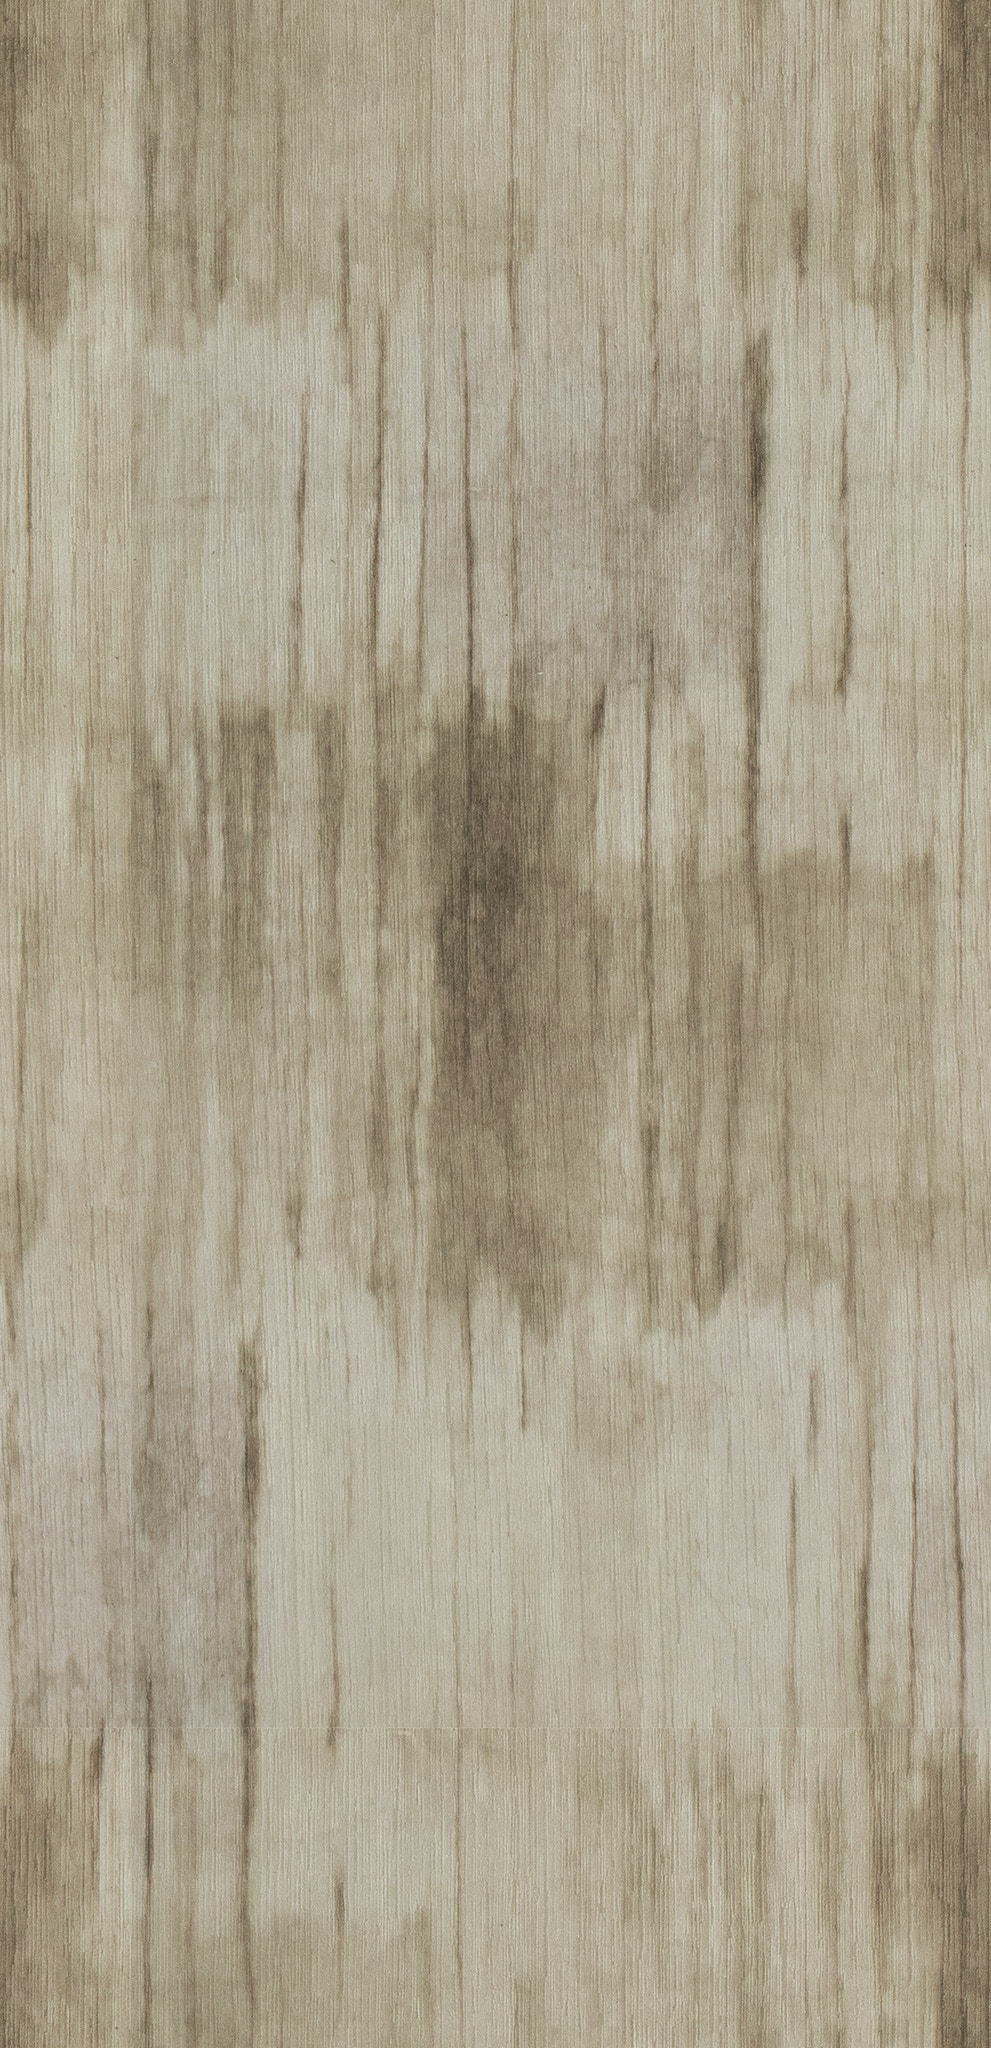 Bassett Velvet Truffle 6414 8 Talsma Furniture